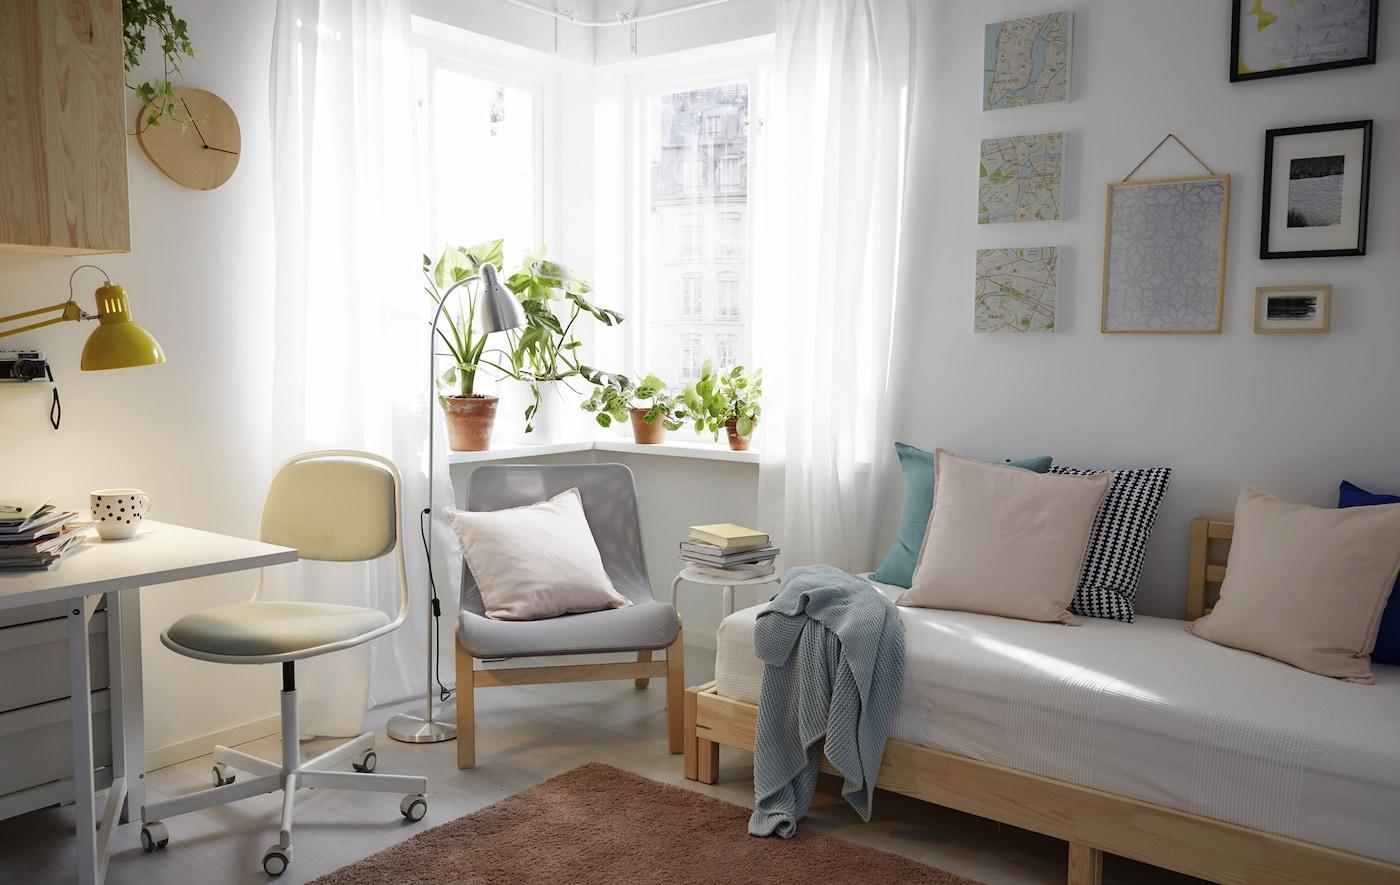 Einen Kleinen Raum Gestalten: Wohlfühlparadies Trotz Wenig Platz